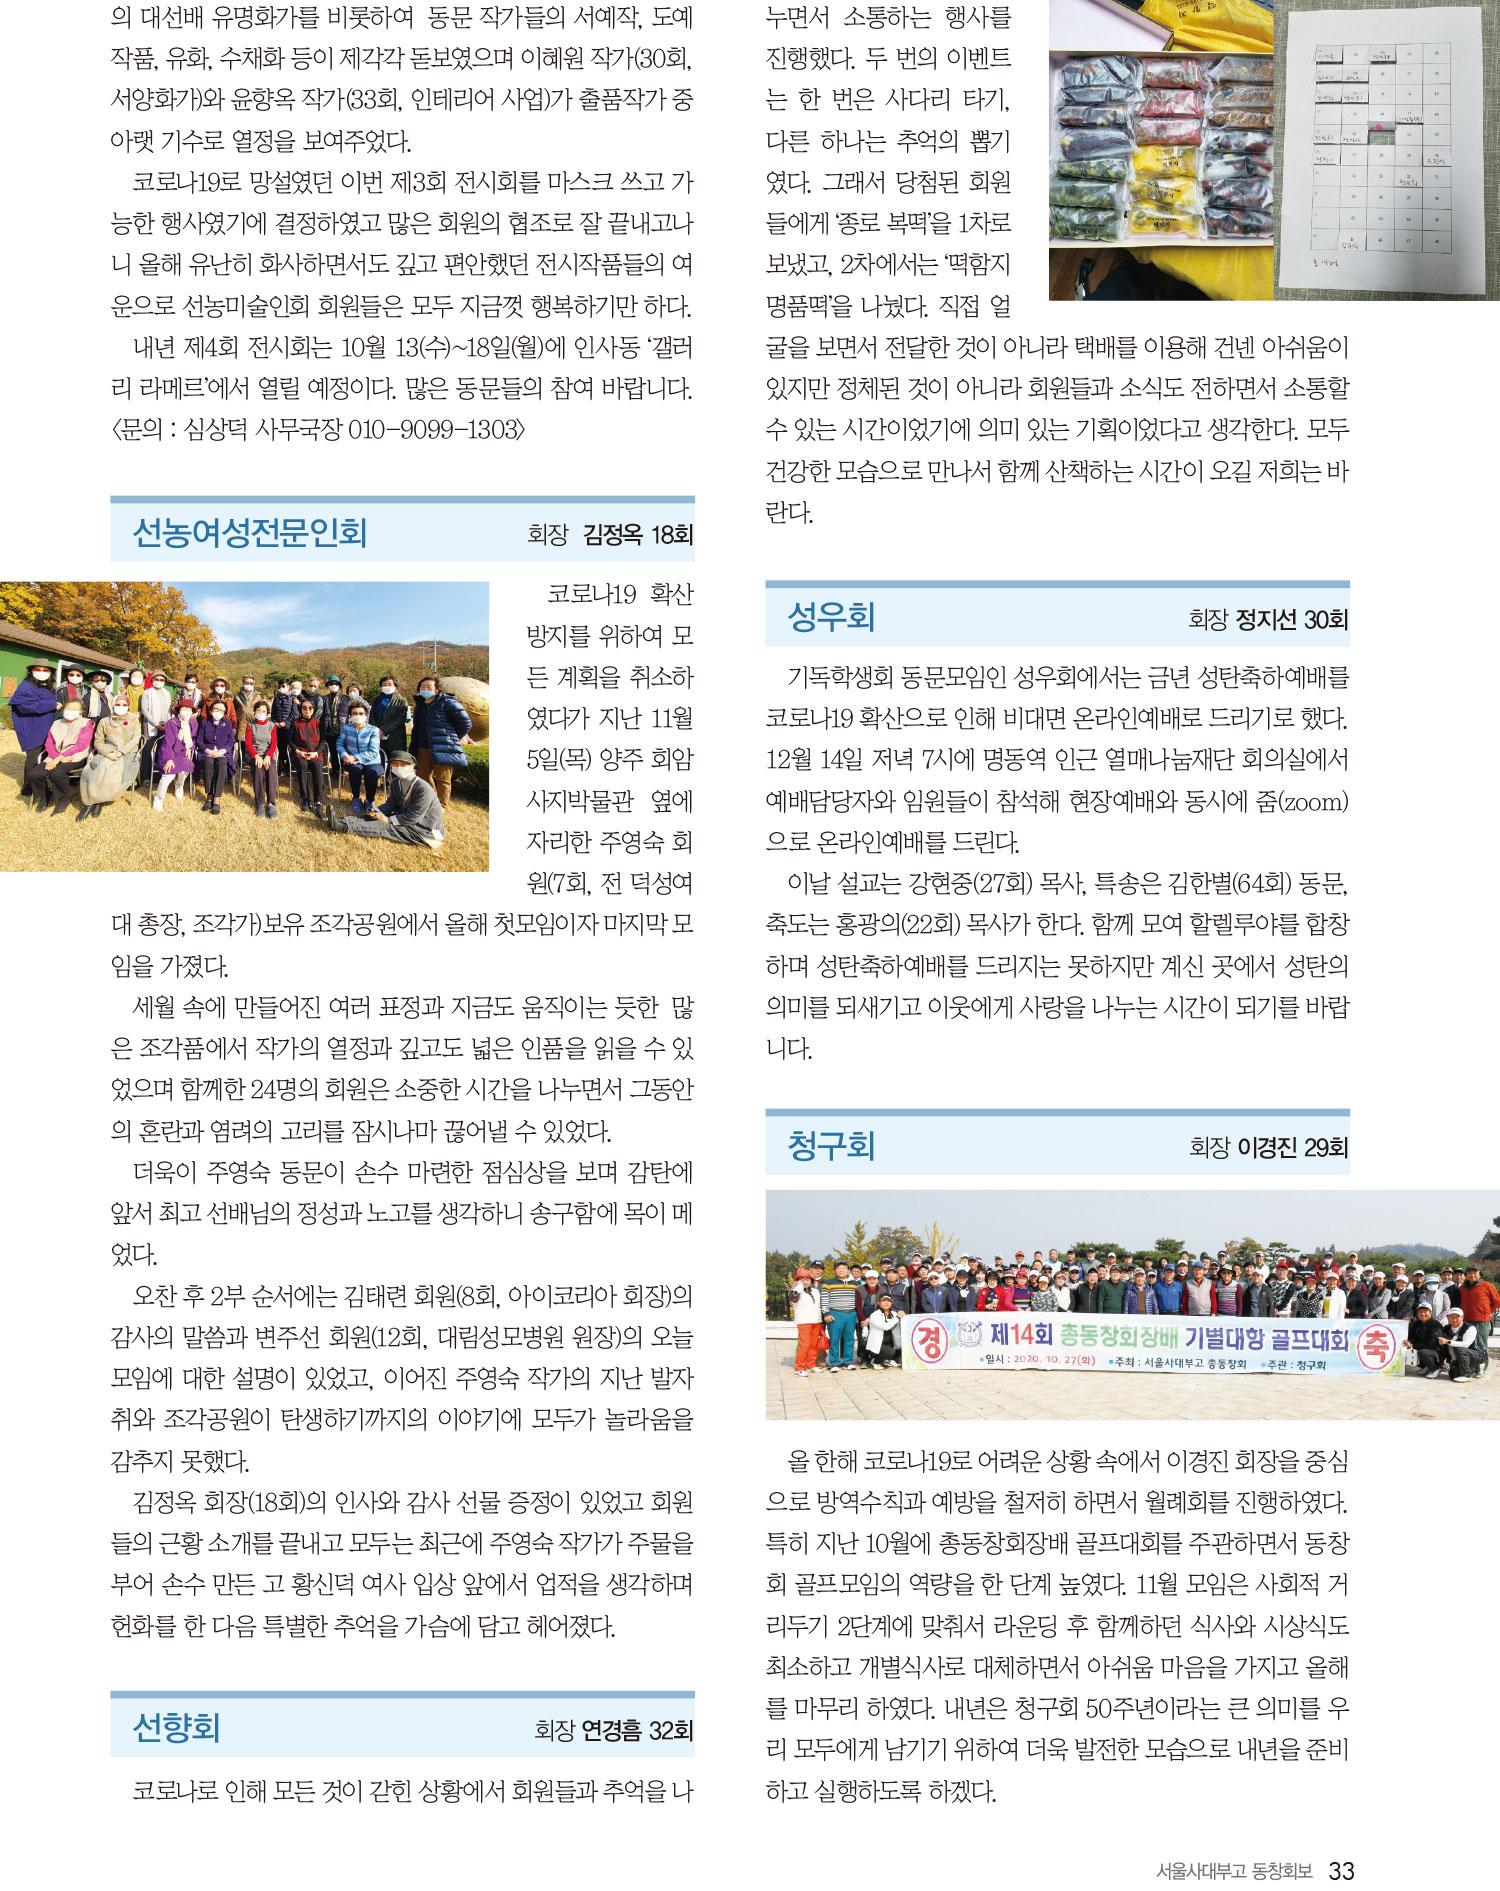 서울사대부고-115호-홈페이지-33.jpg